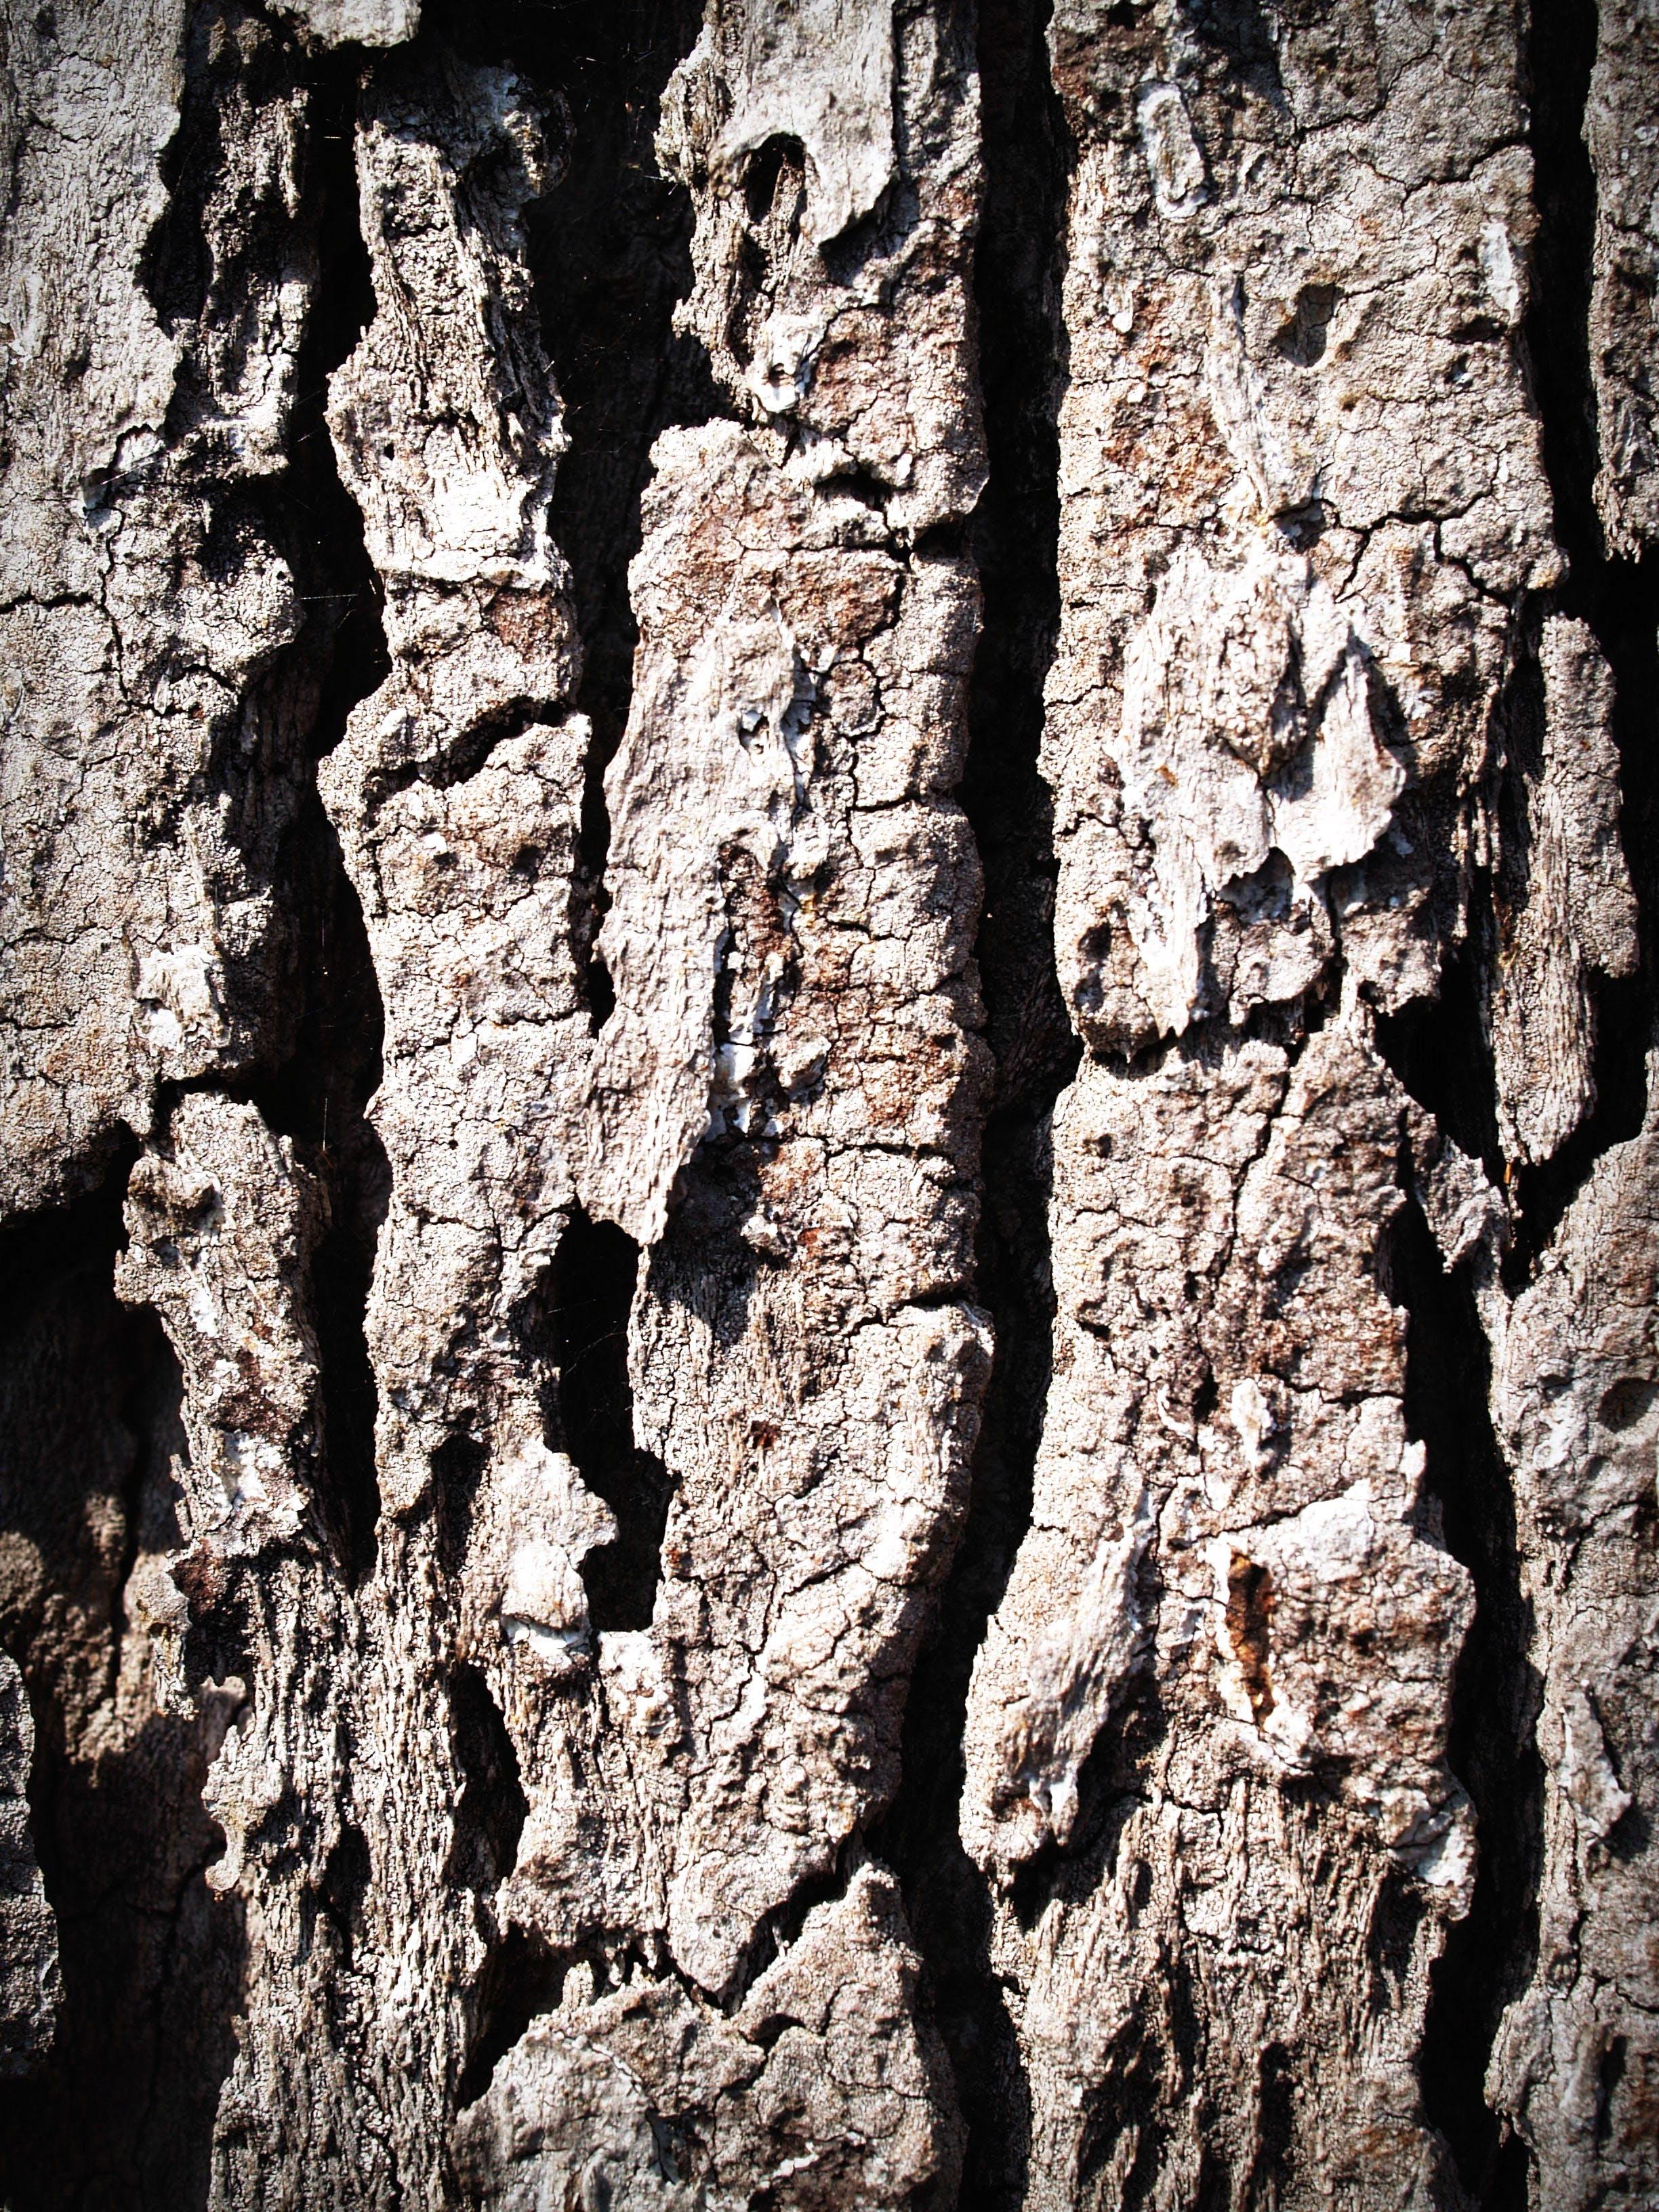 de árvore, áspero, casca, desbotado